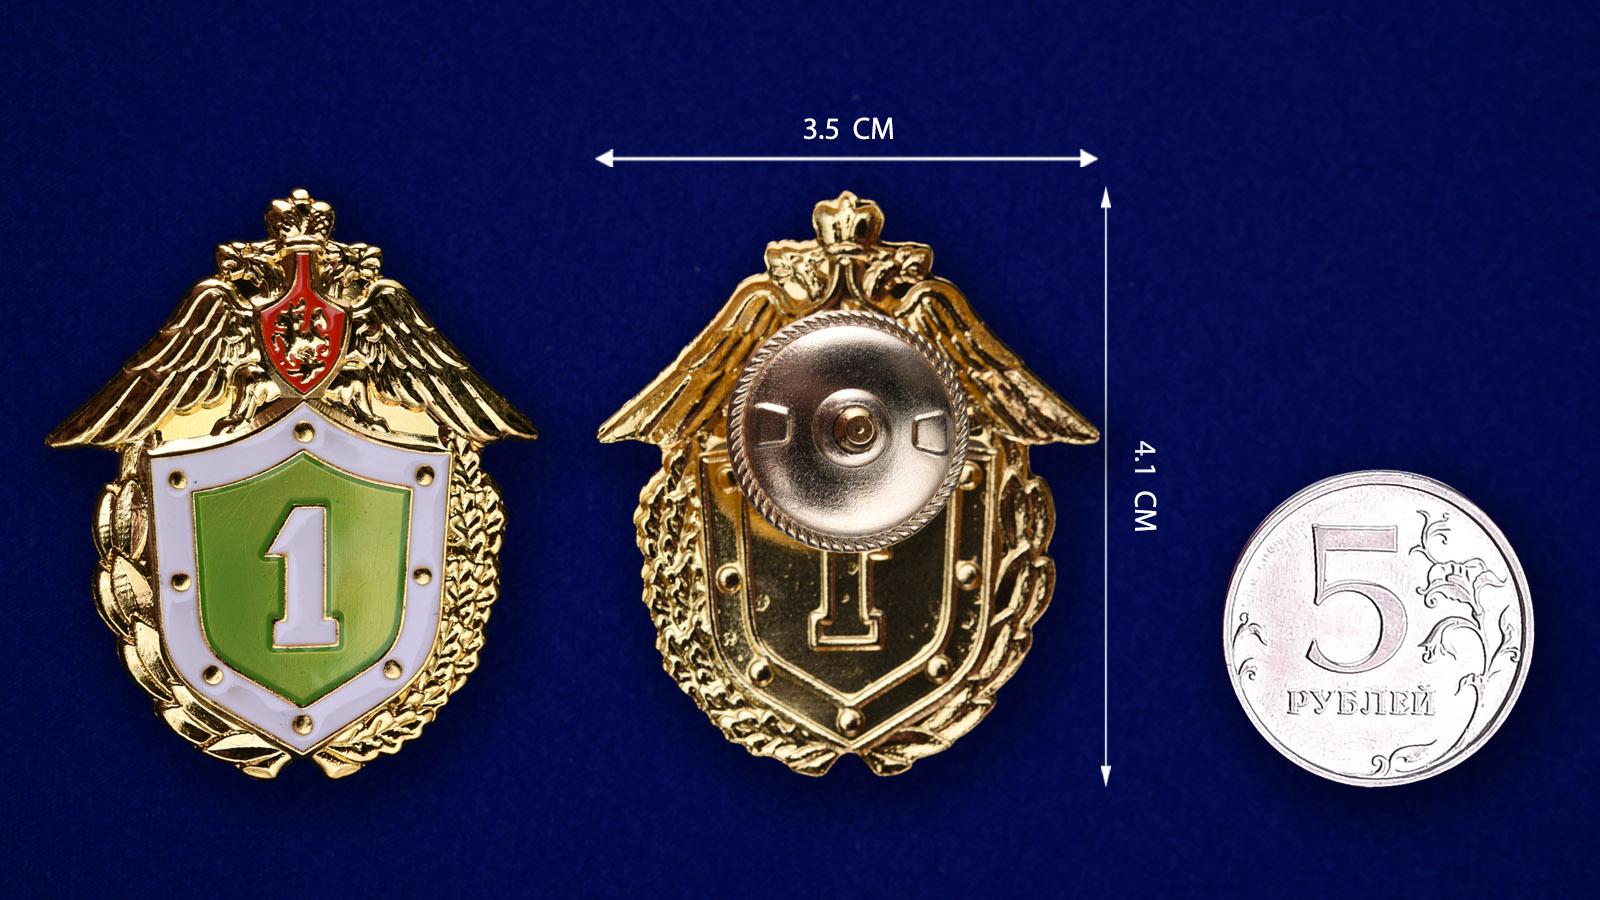 Знак ФПС РФ «Классный специалист» 1 класс  сравнительный размер